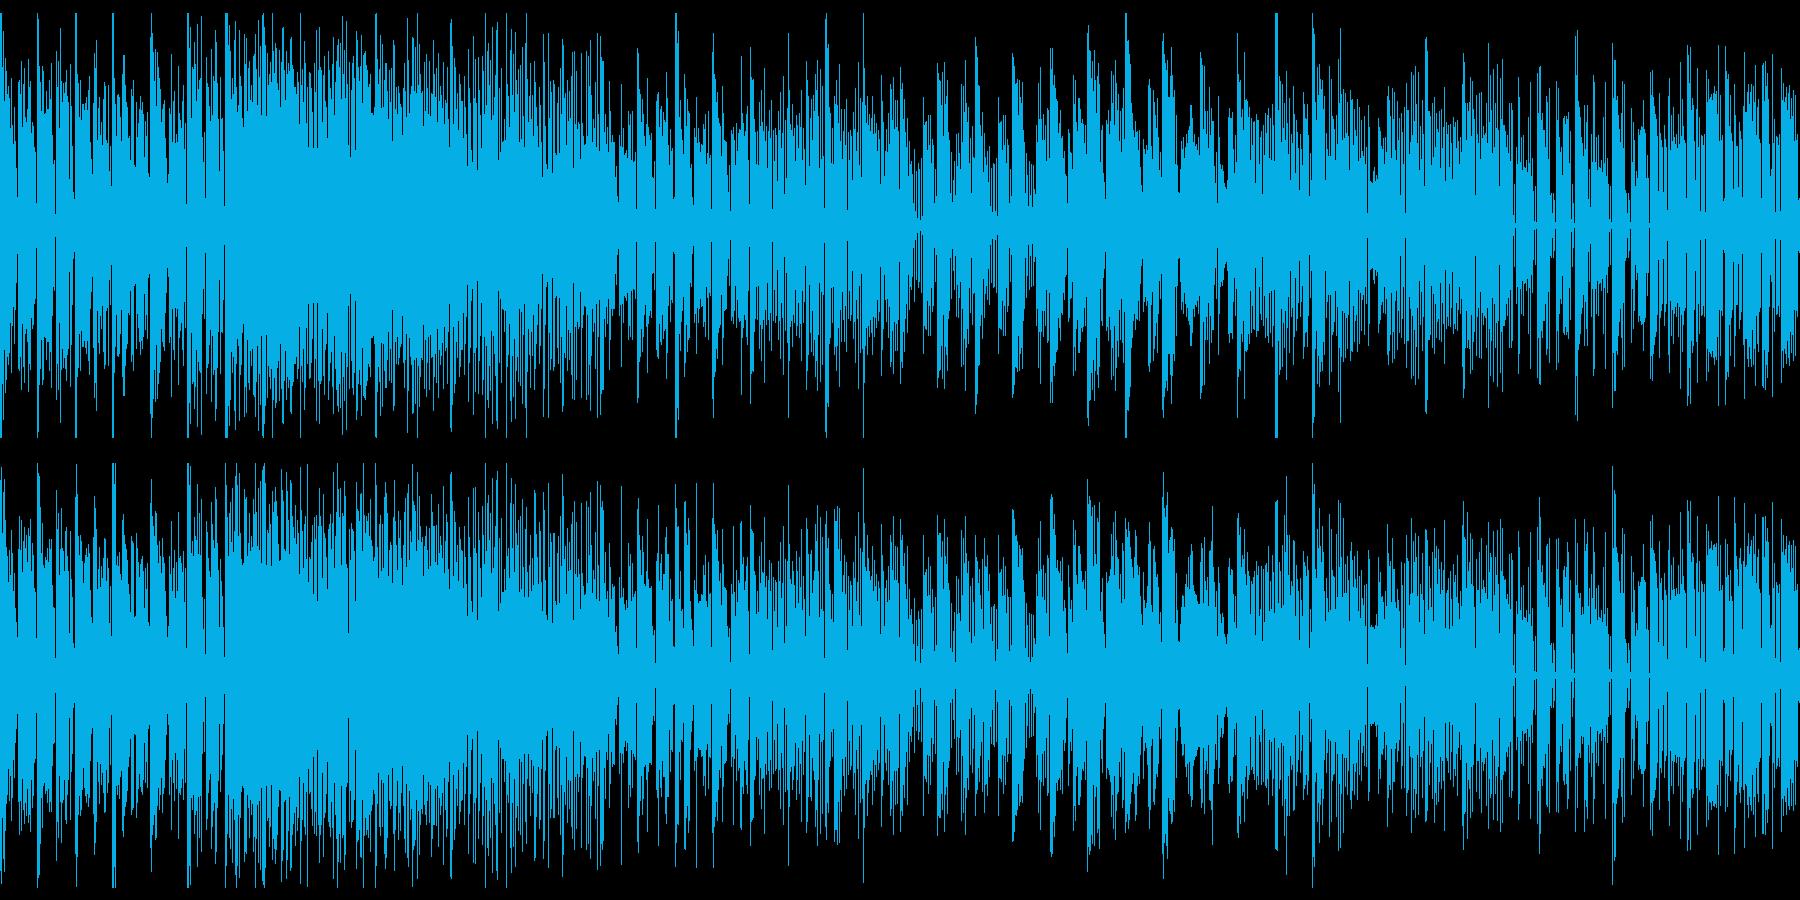 ローファイなビートのチップチューンの再生済みの波形